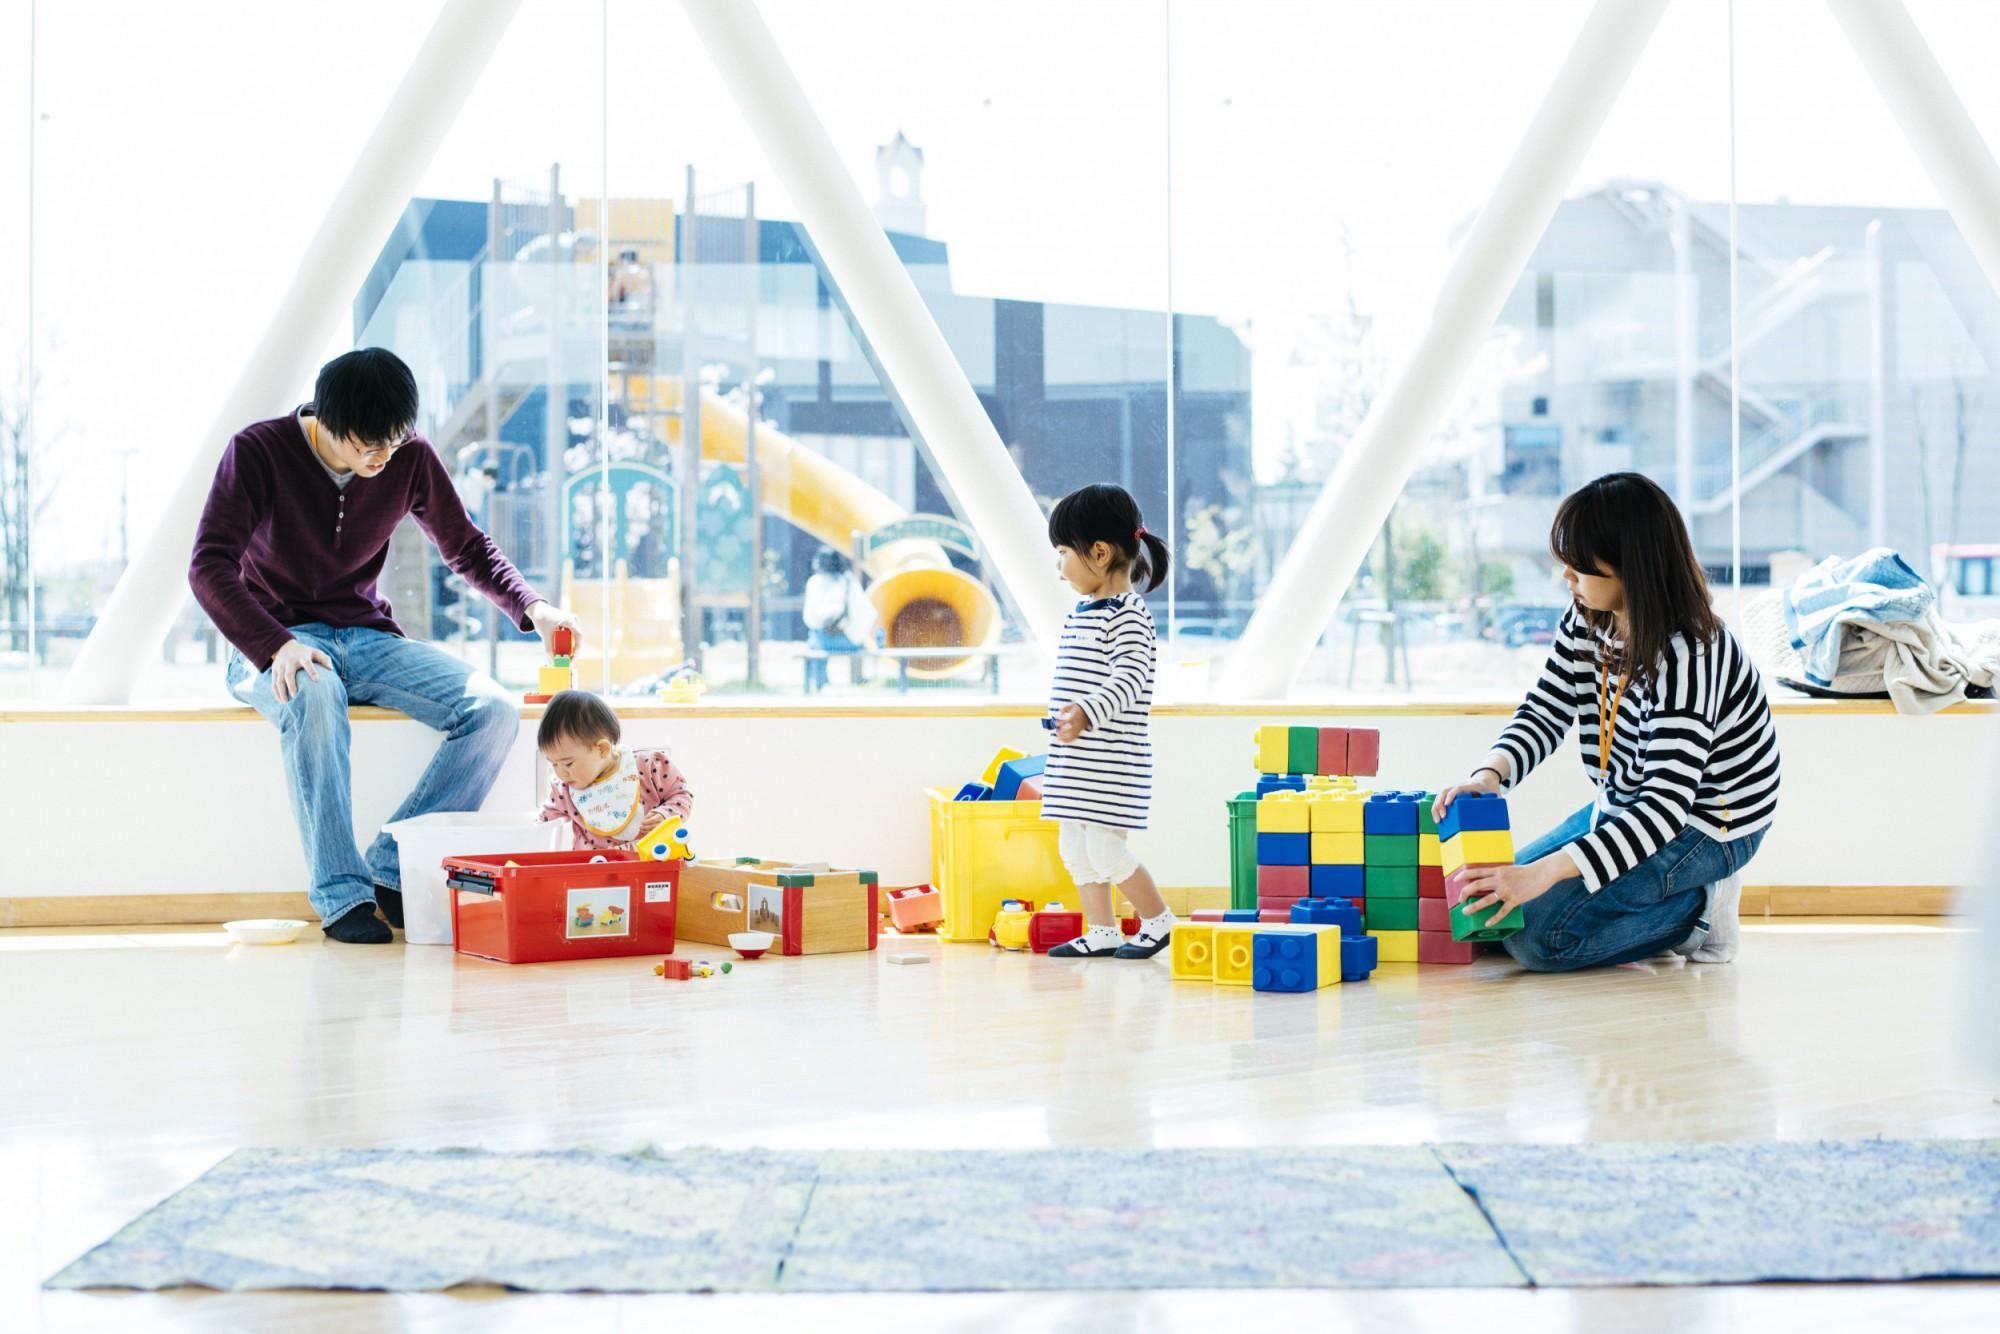 若いお父さん、お母さんが、保育士から子育てのアドバイスを受けることもできる。